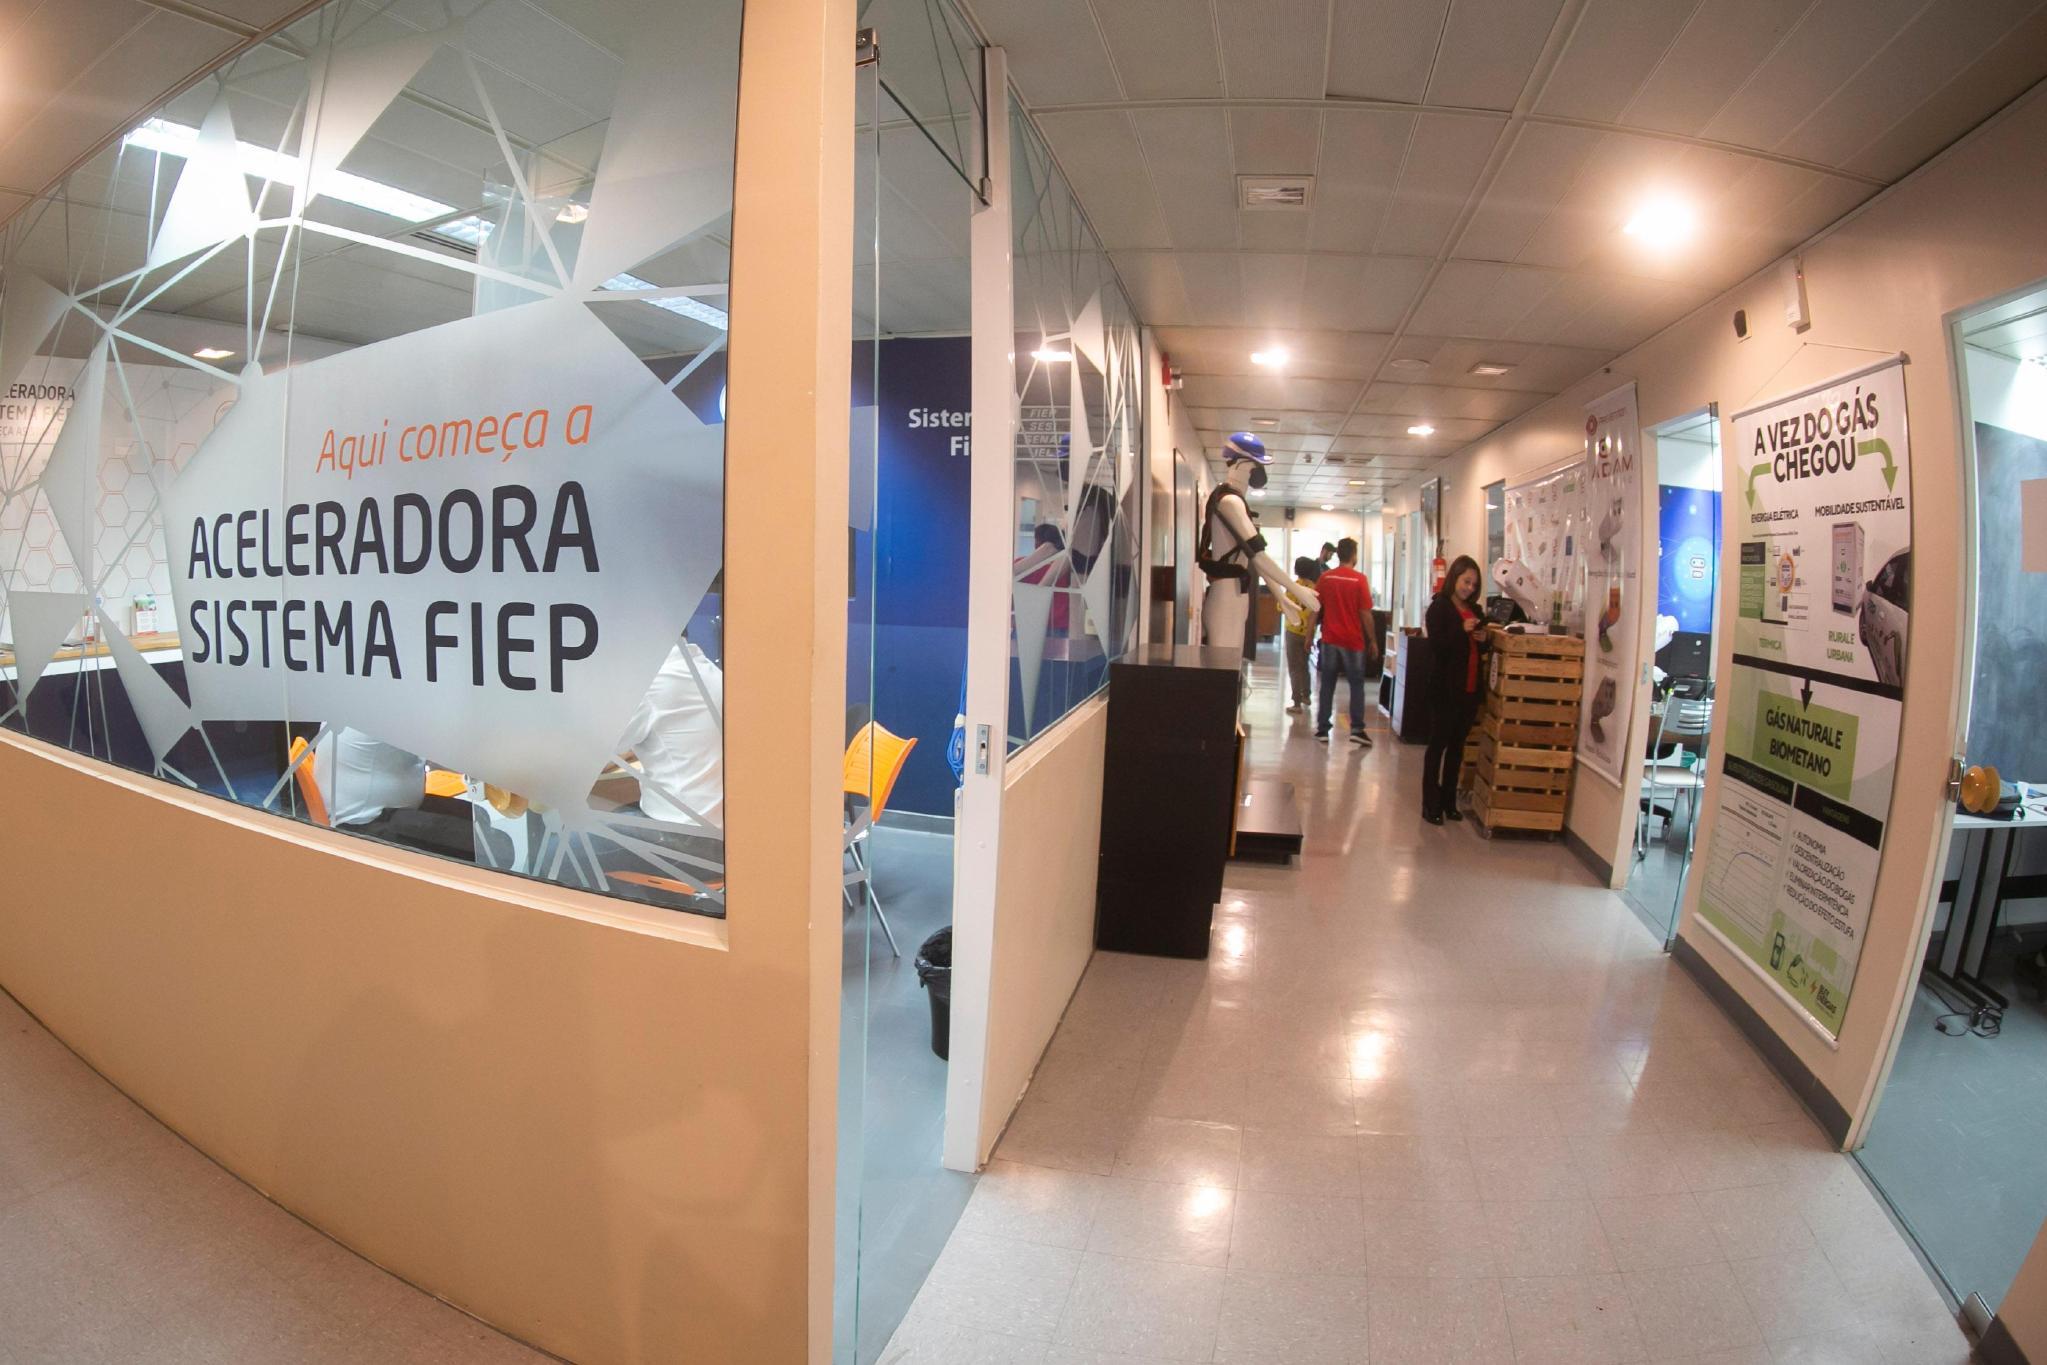 Imagem sobre Aceleradora Sistema Fiep oferece soluções a empresas por meio da conexão com startups